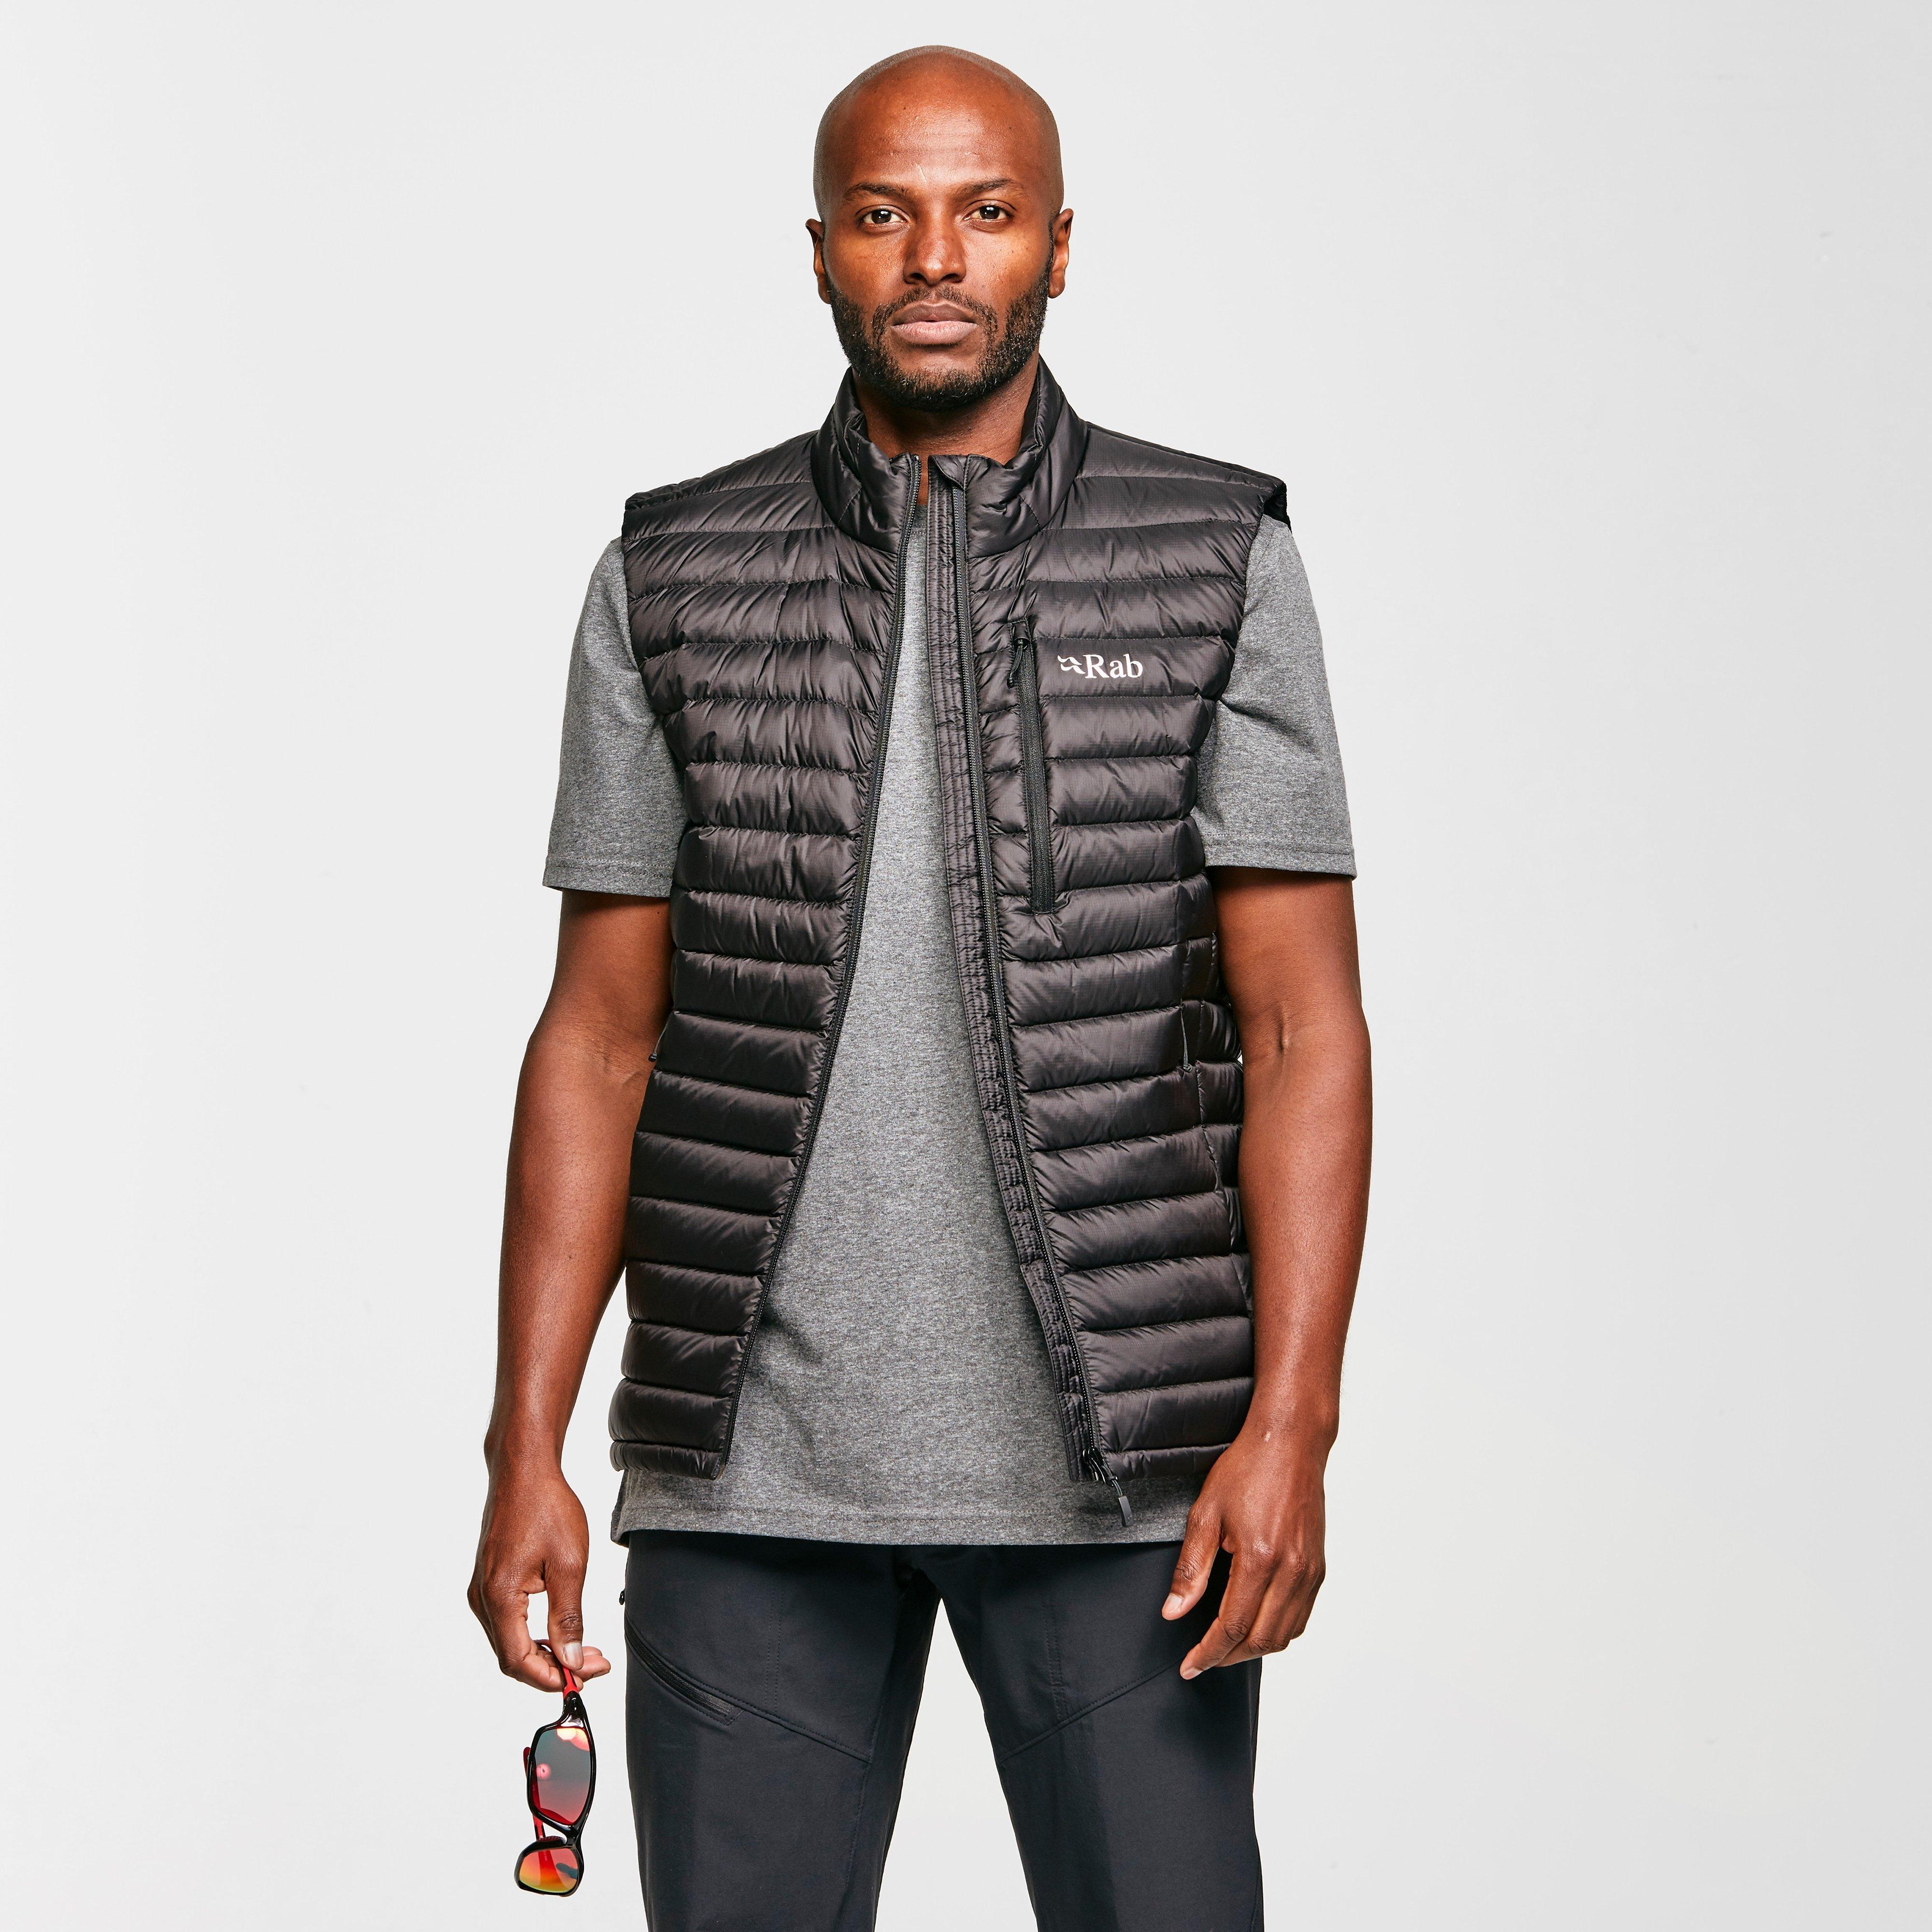 Rab Rab Mens Microlight Down Vest